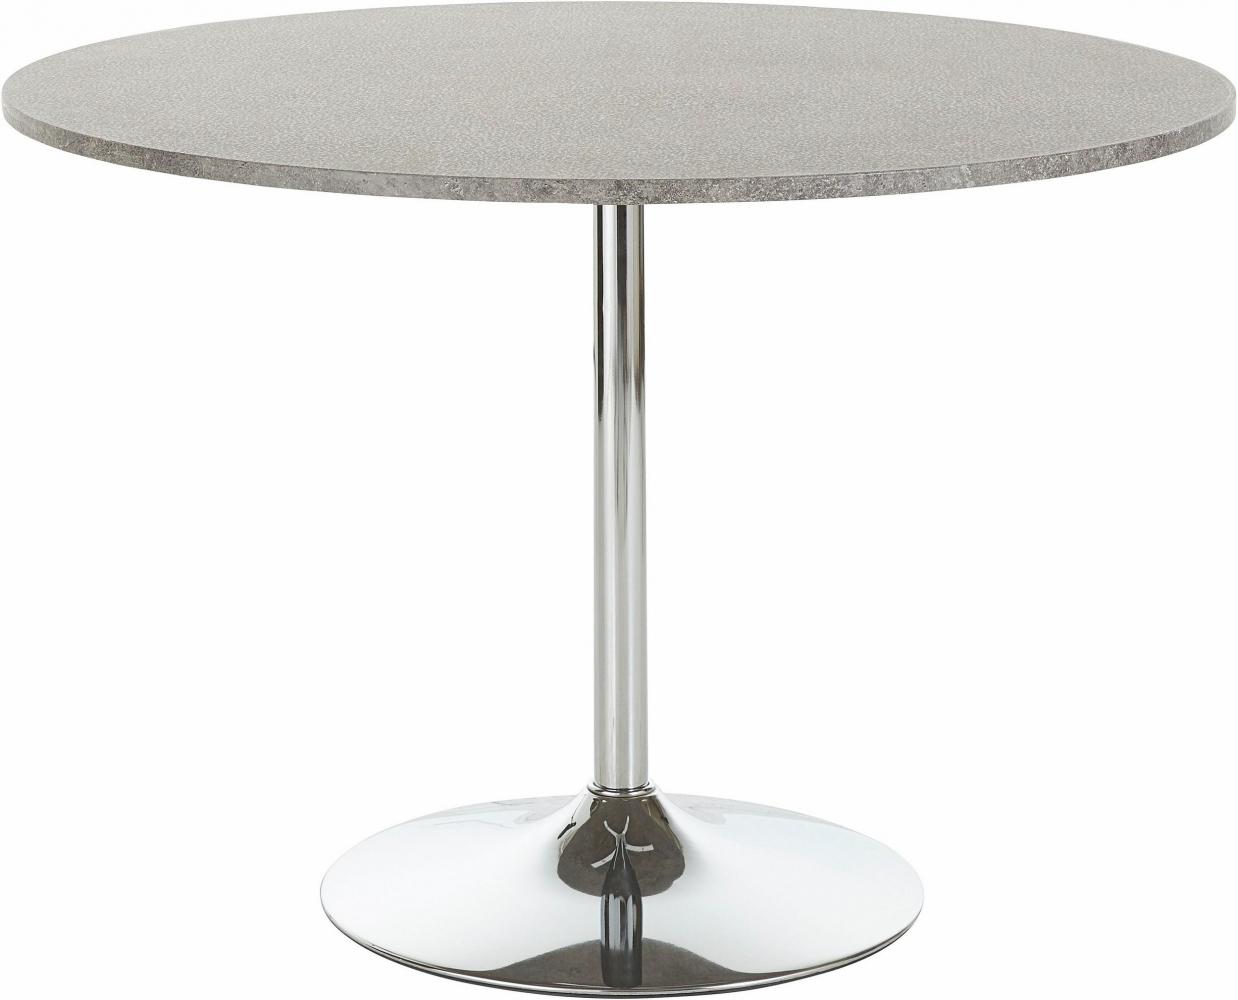 Jídelní stůl Terra, 110 cm, šedá